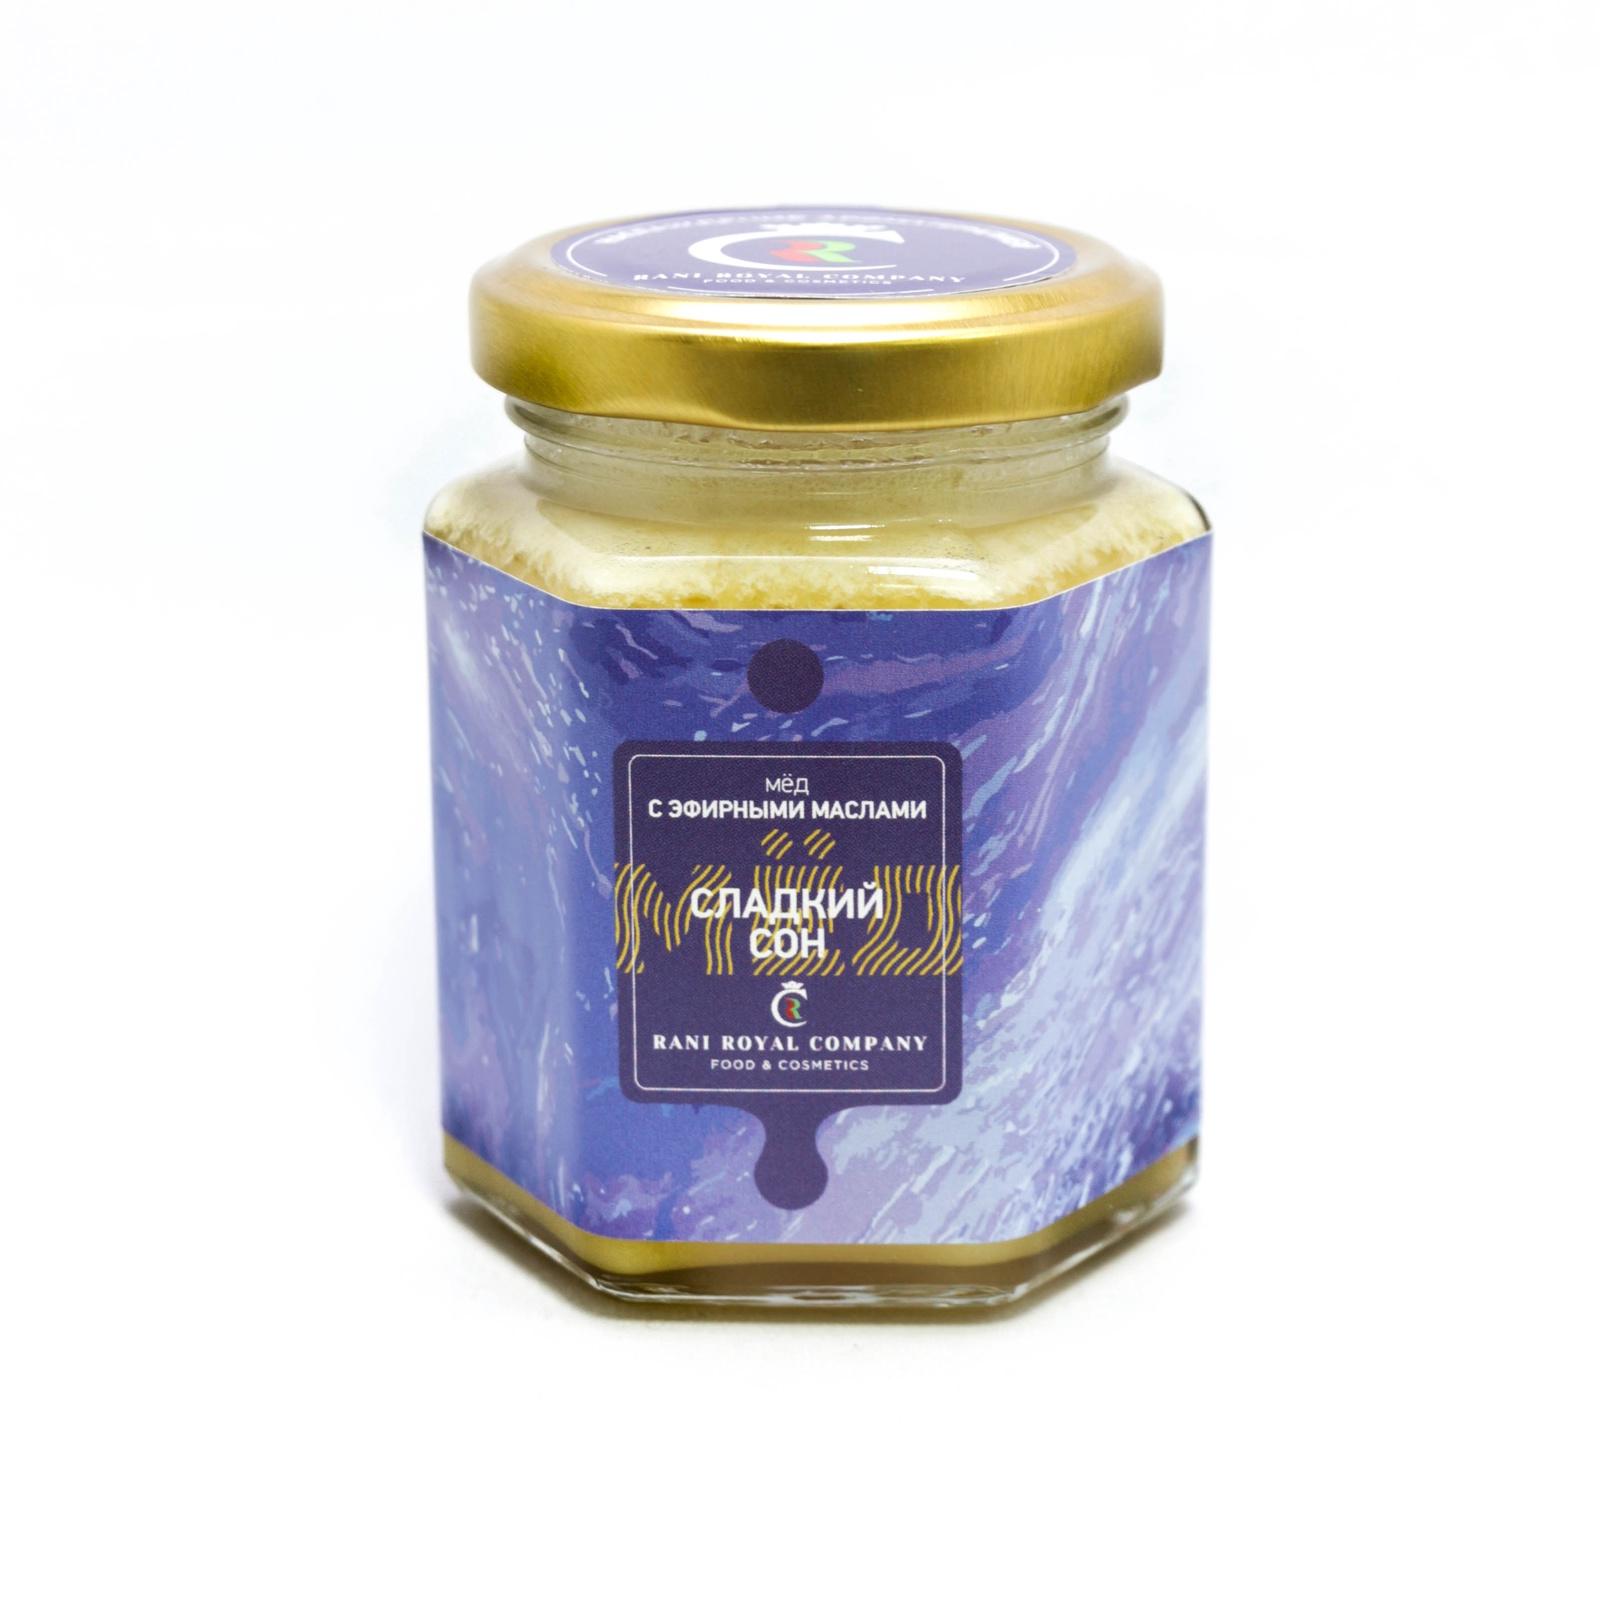 цена на Мед RANI ROYAL COMPANY с эфирными маслами Сладкий сон Стеклянная банка, 240